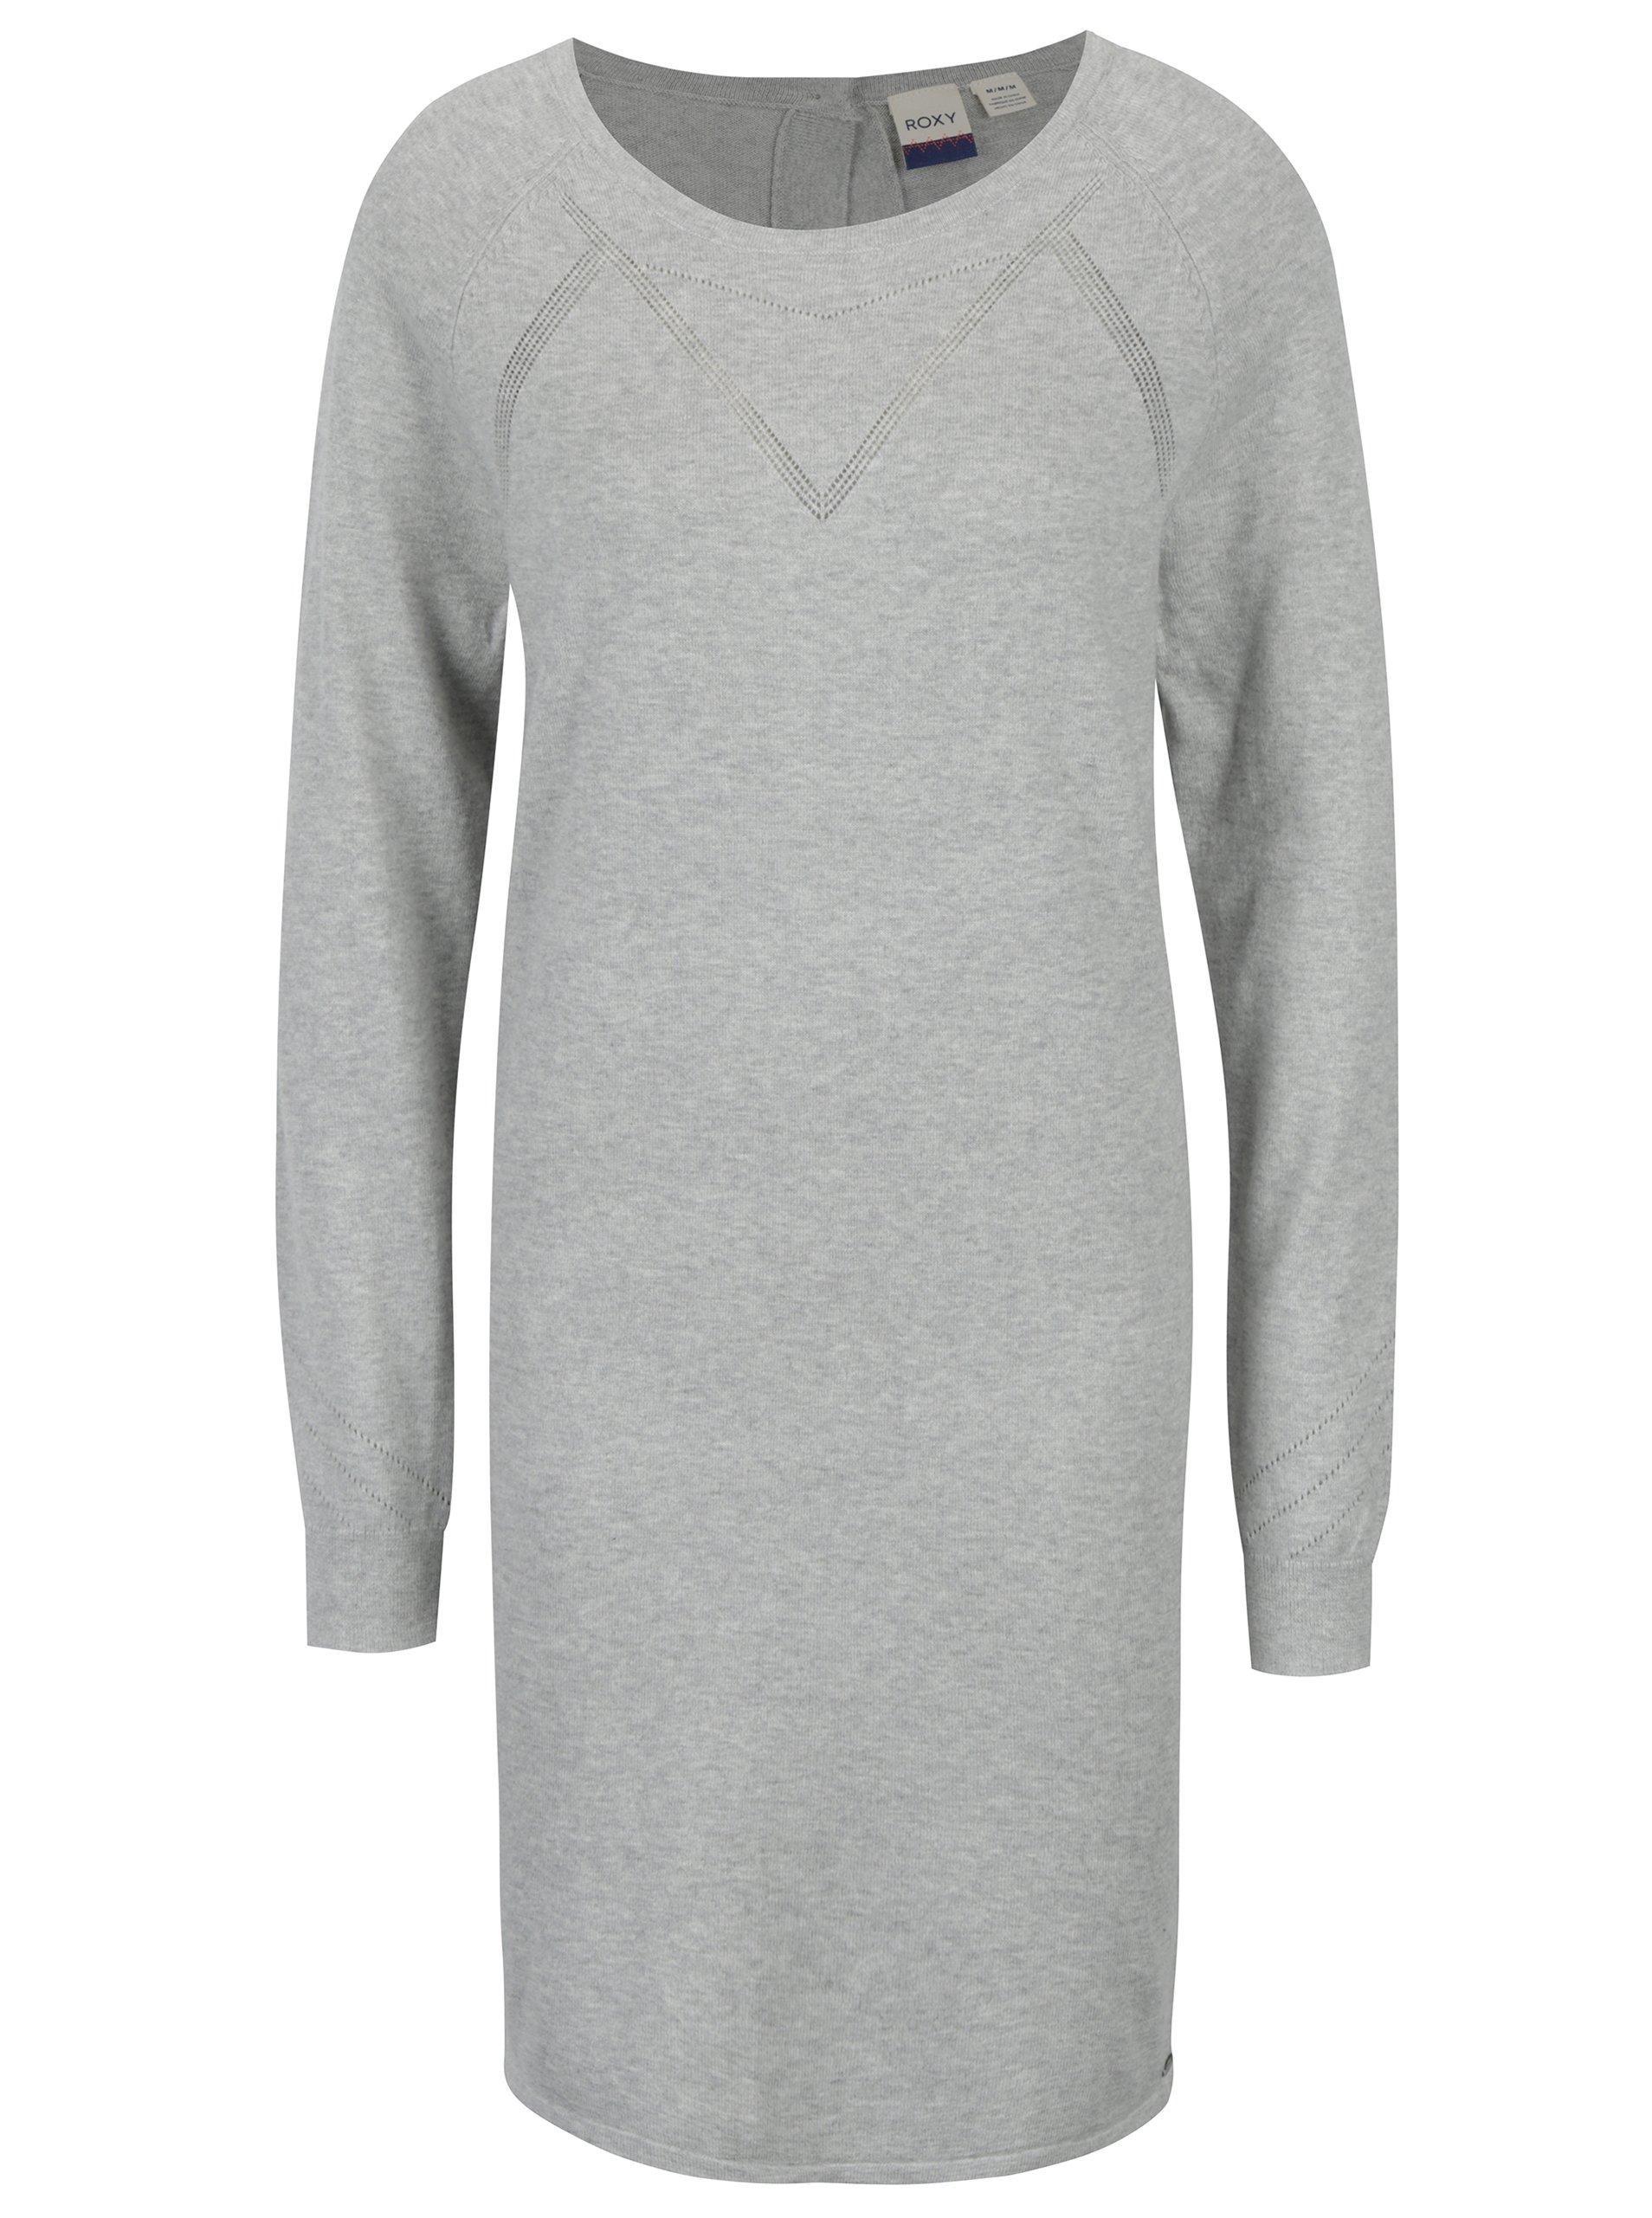 a6f8e461acc6 Sivé dámske melírované svetrové šaty Roxy Winter Story